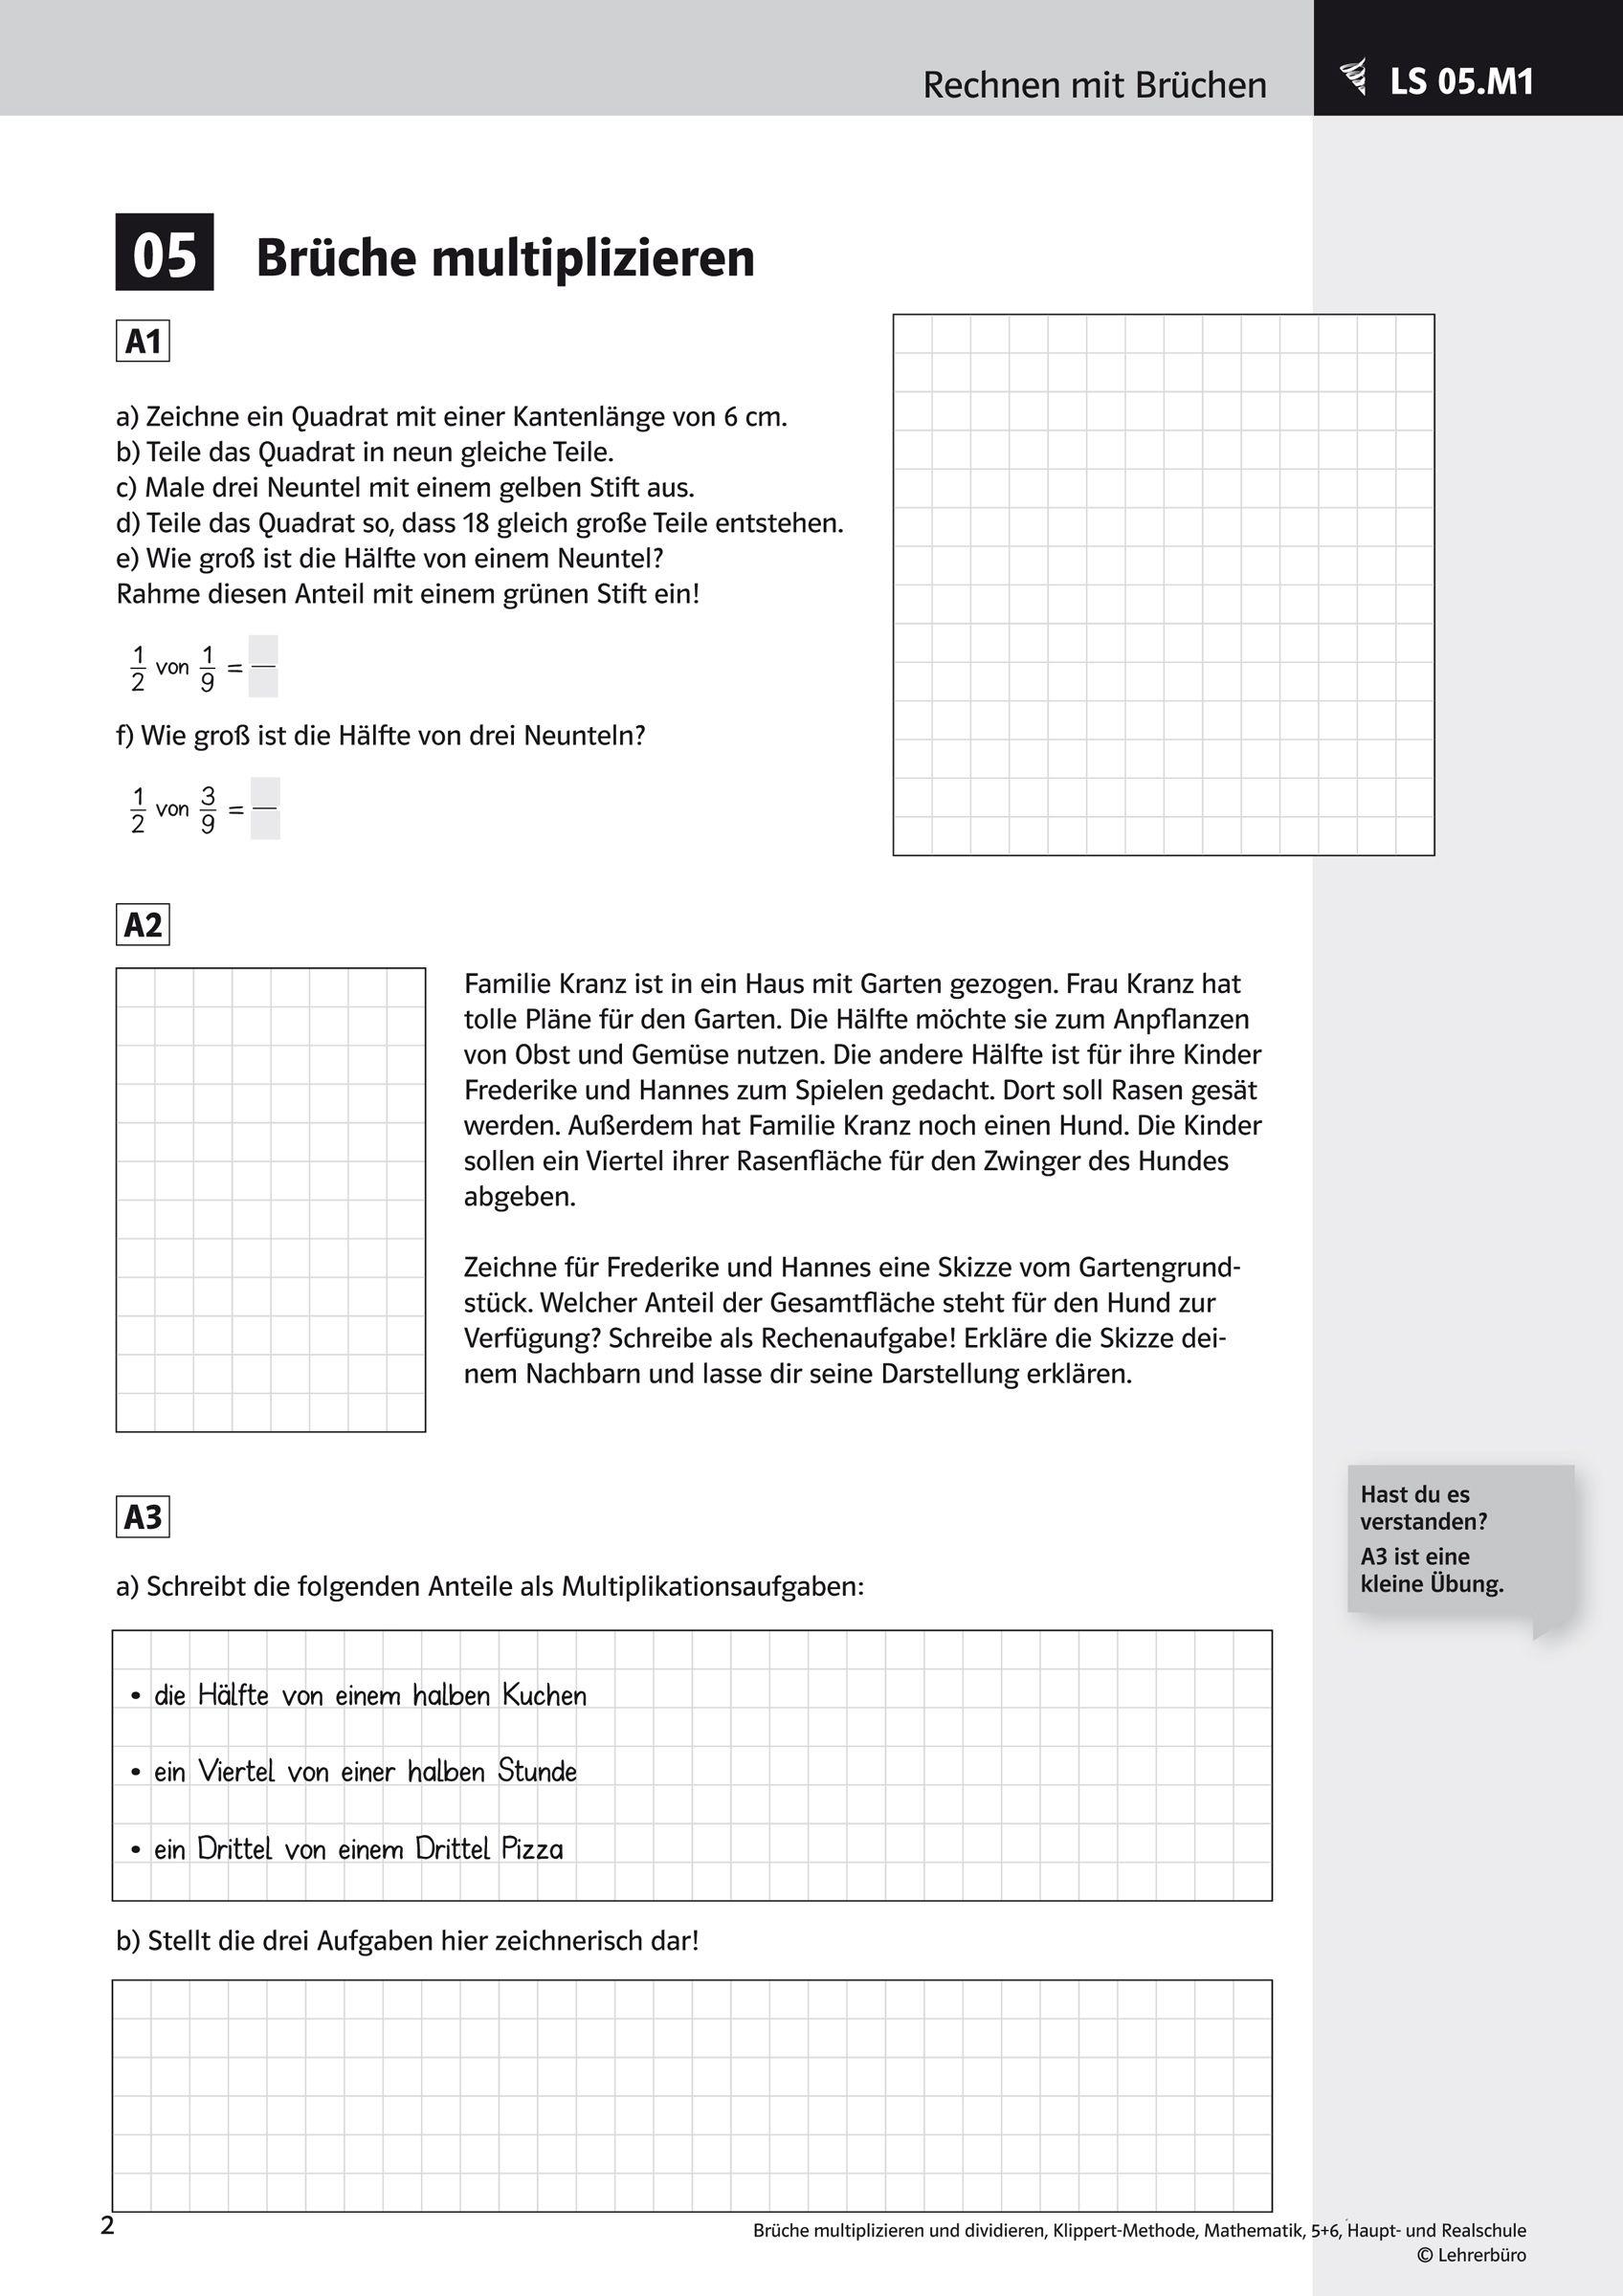 20 Addieren Und Subtrahieren Von Ganzzahl Worksheet Pdf Worksheets Words Word Search Puzzle